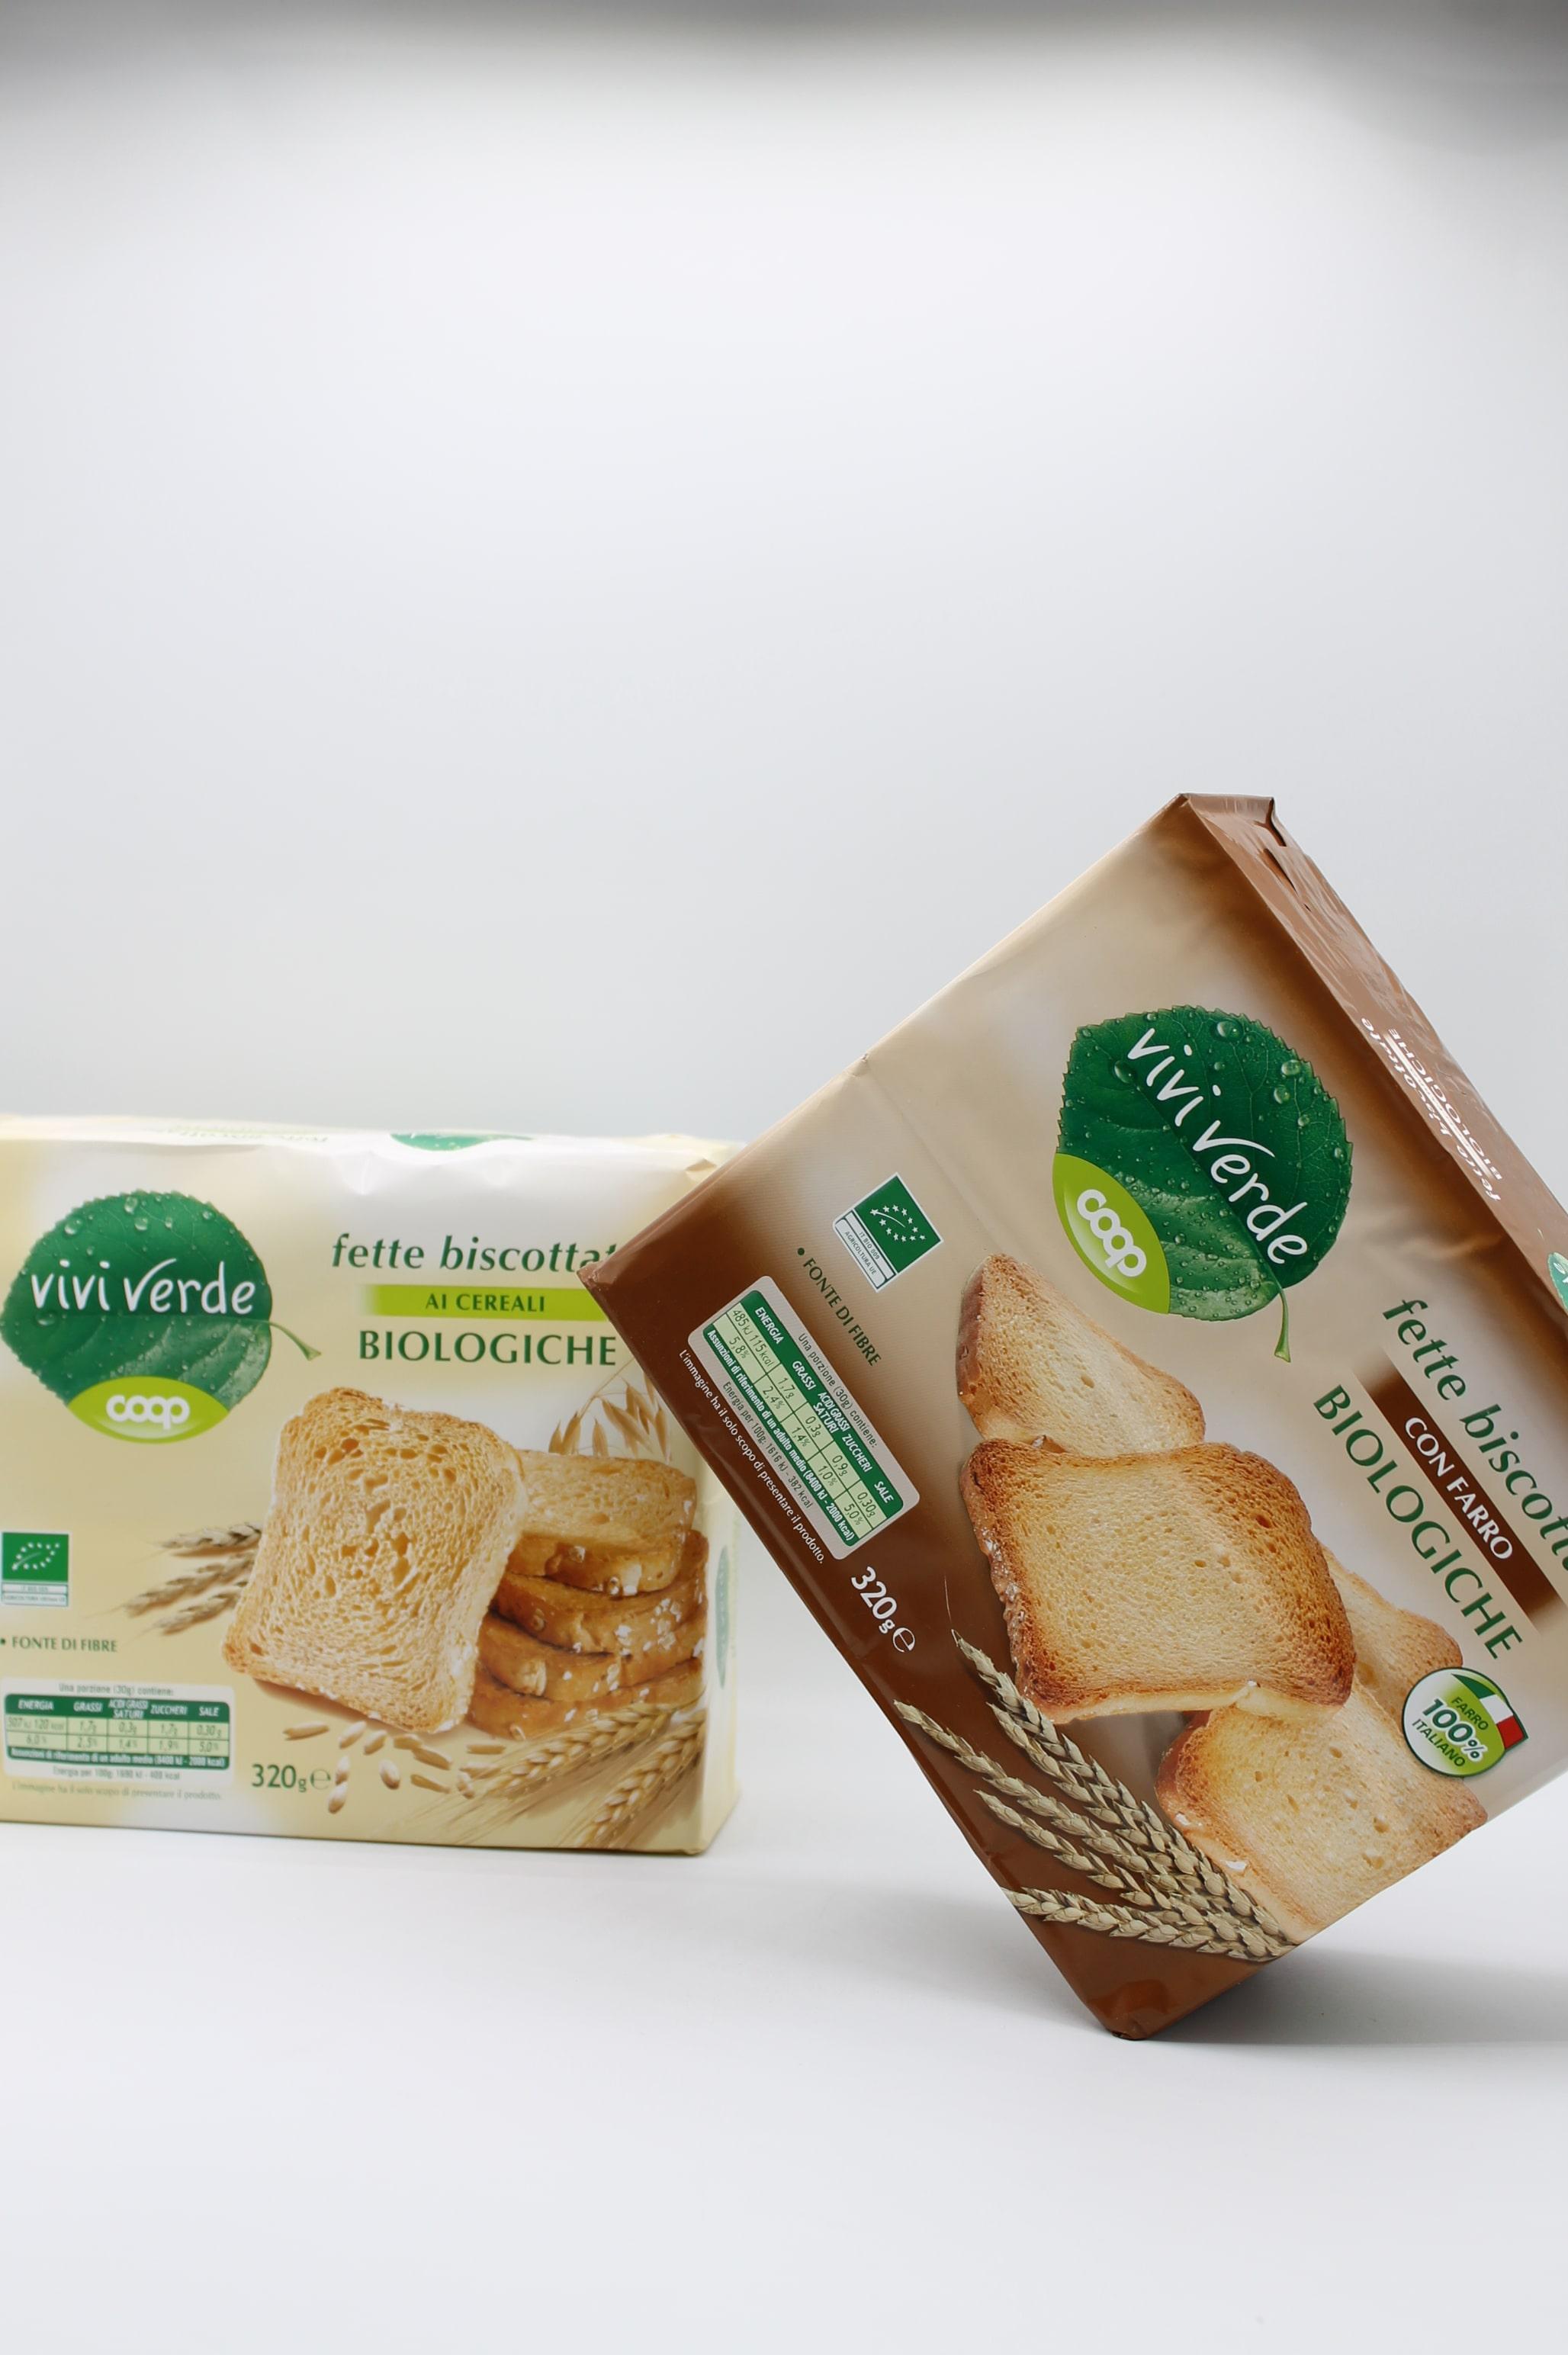 Viviverde coop fette biscottate bio 320gr vari tipi.